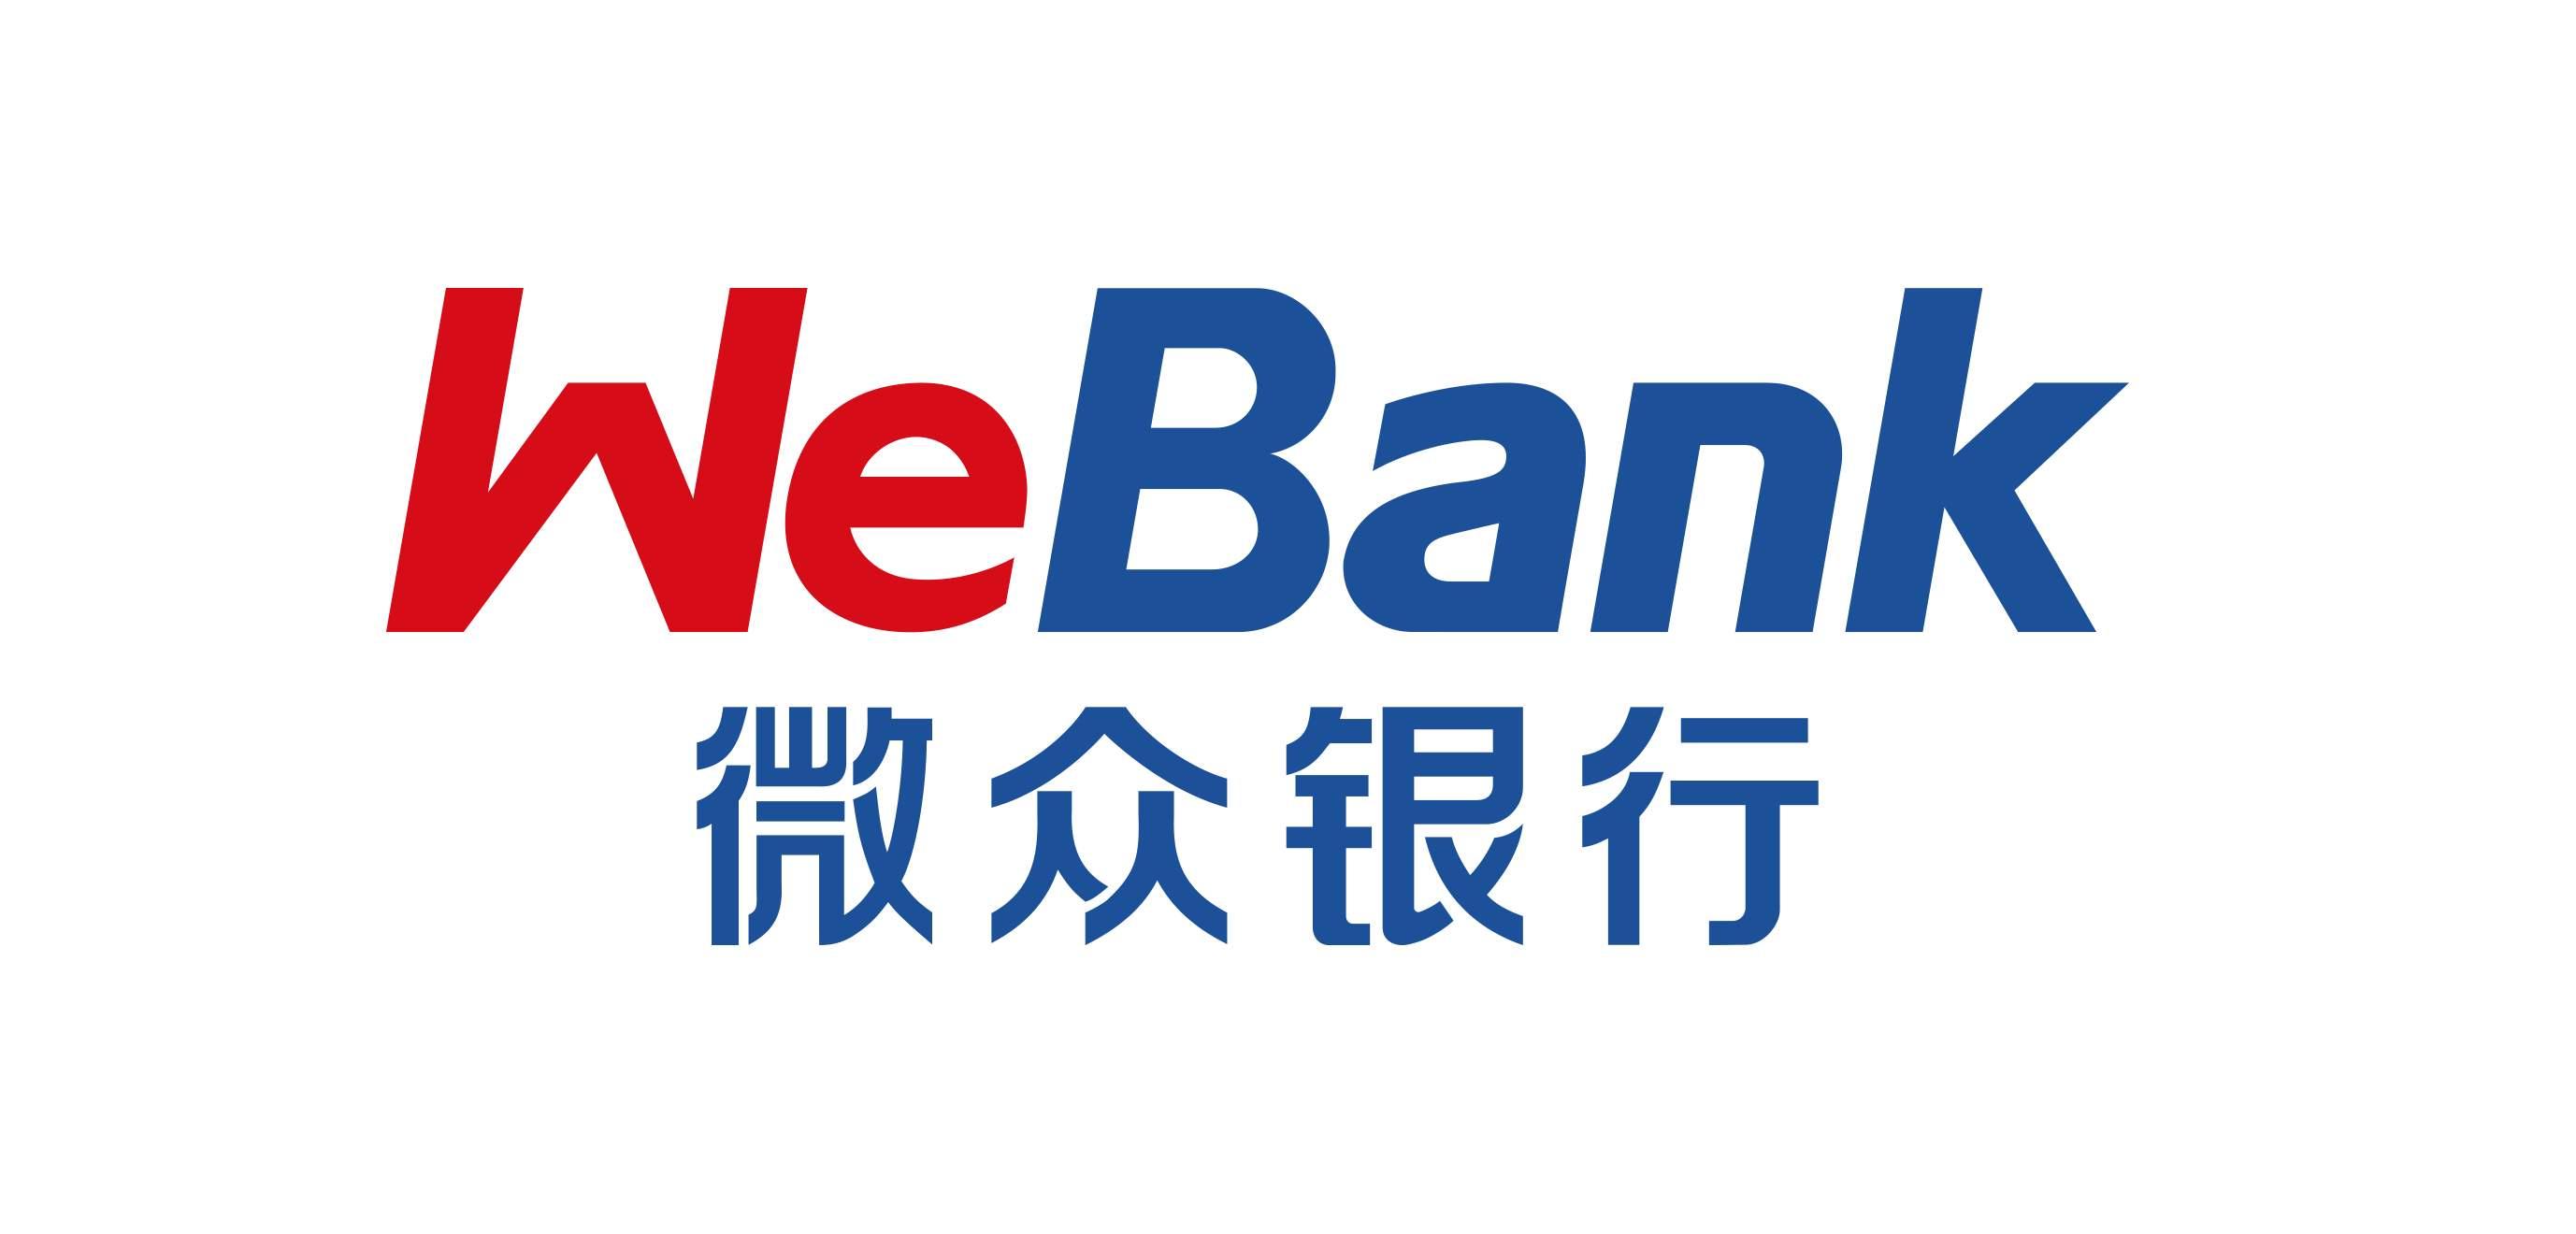 微众银行贷款有哪些优势?微众银行贷款靠谱吗?